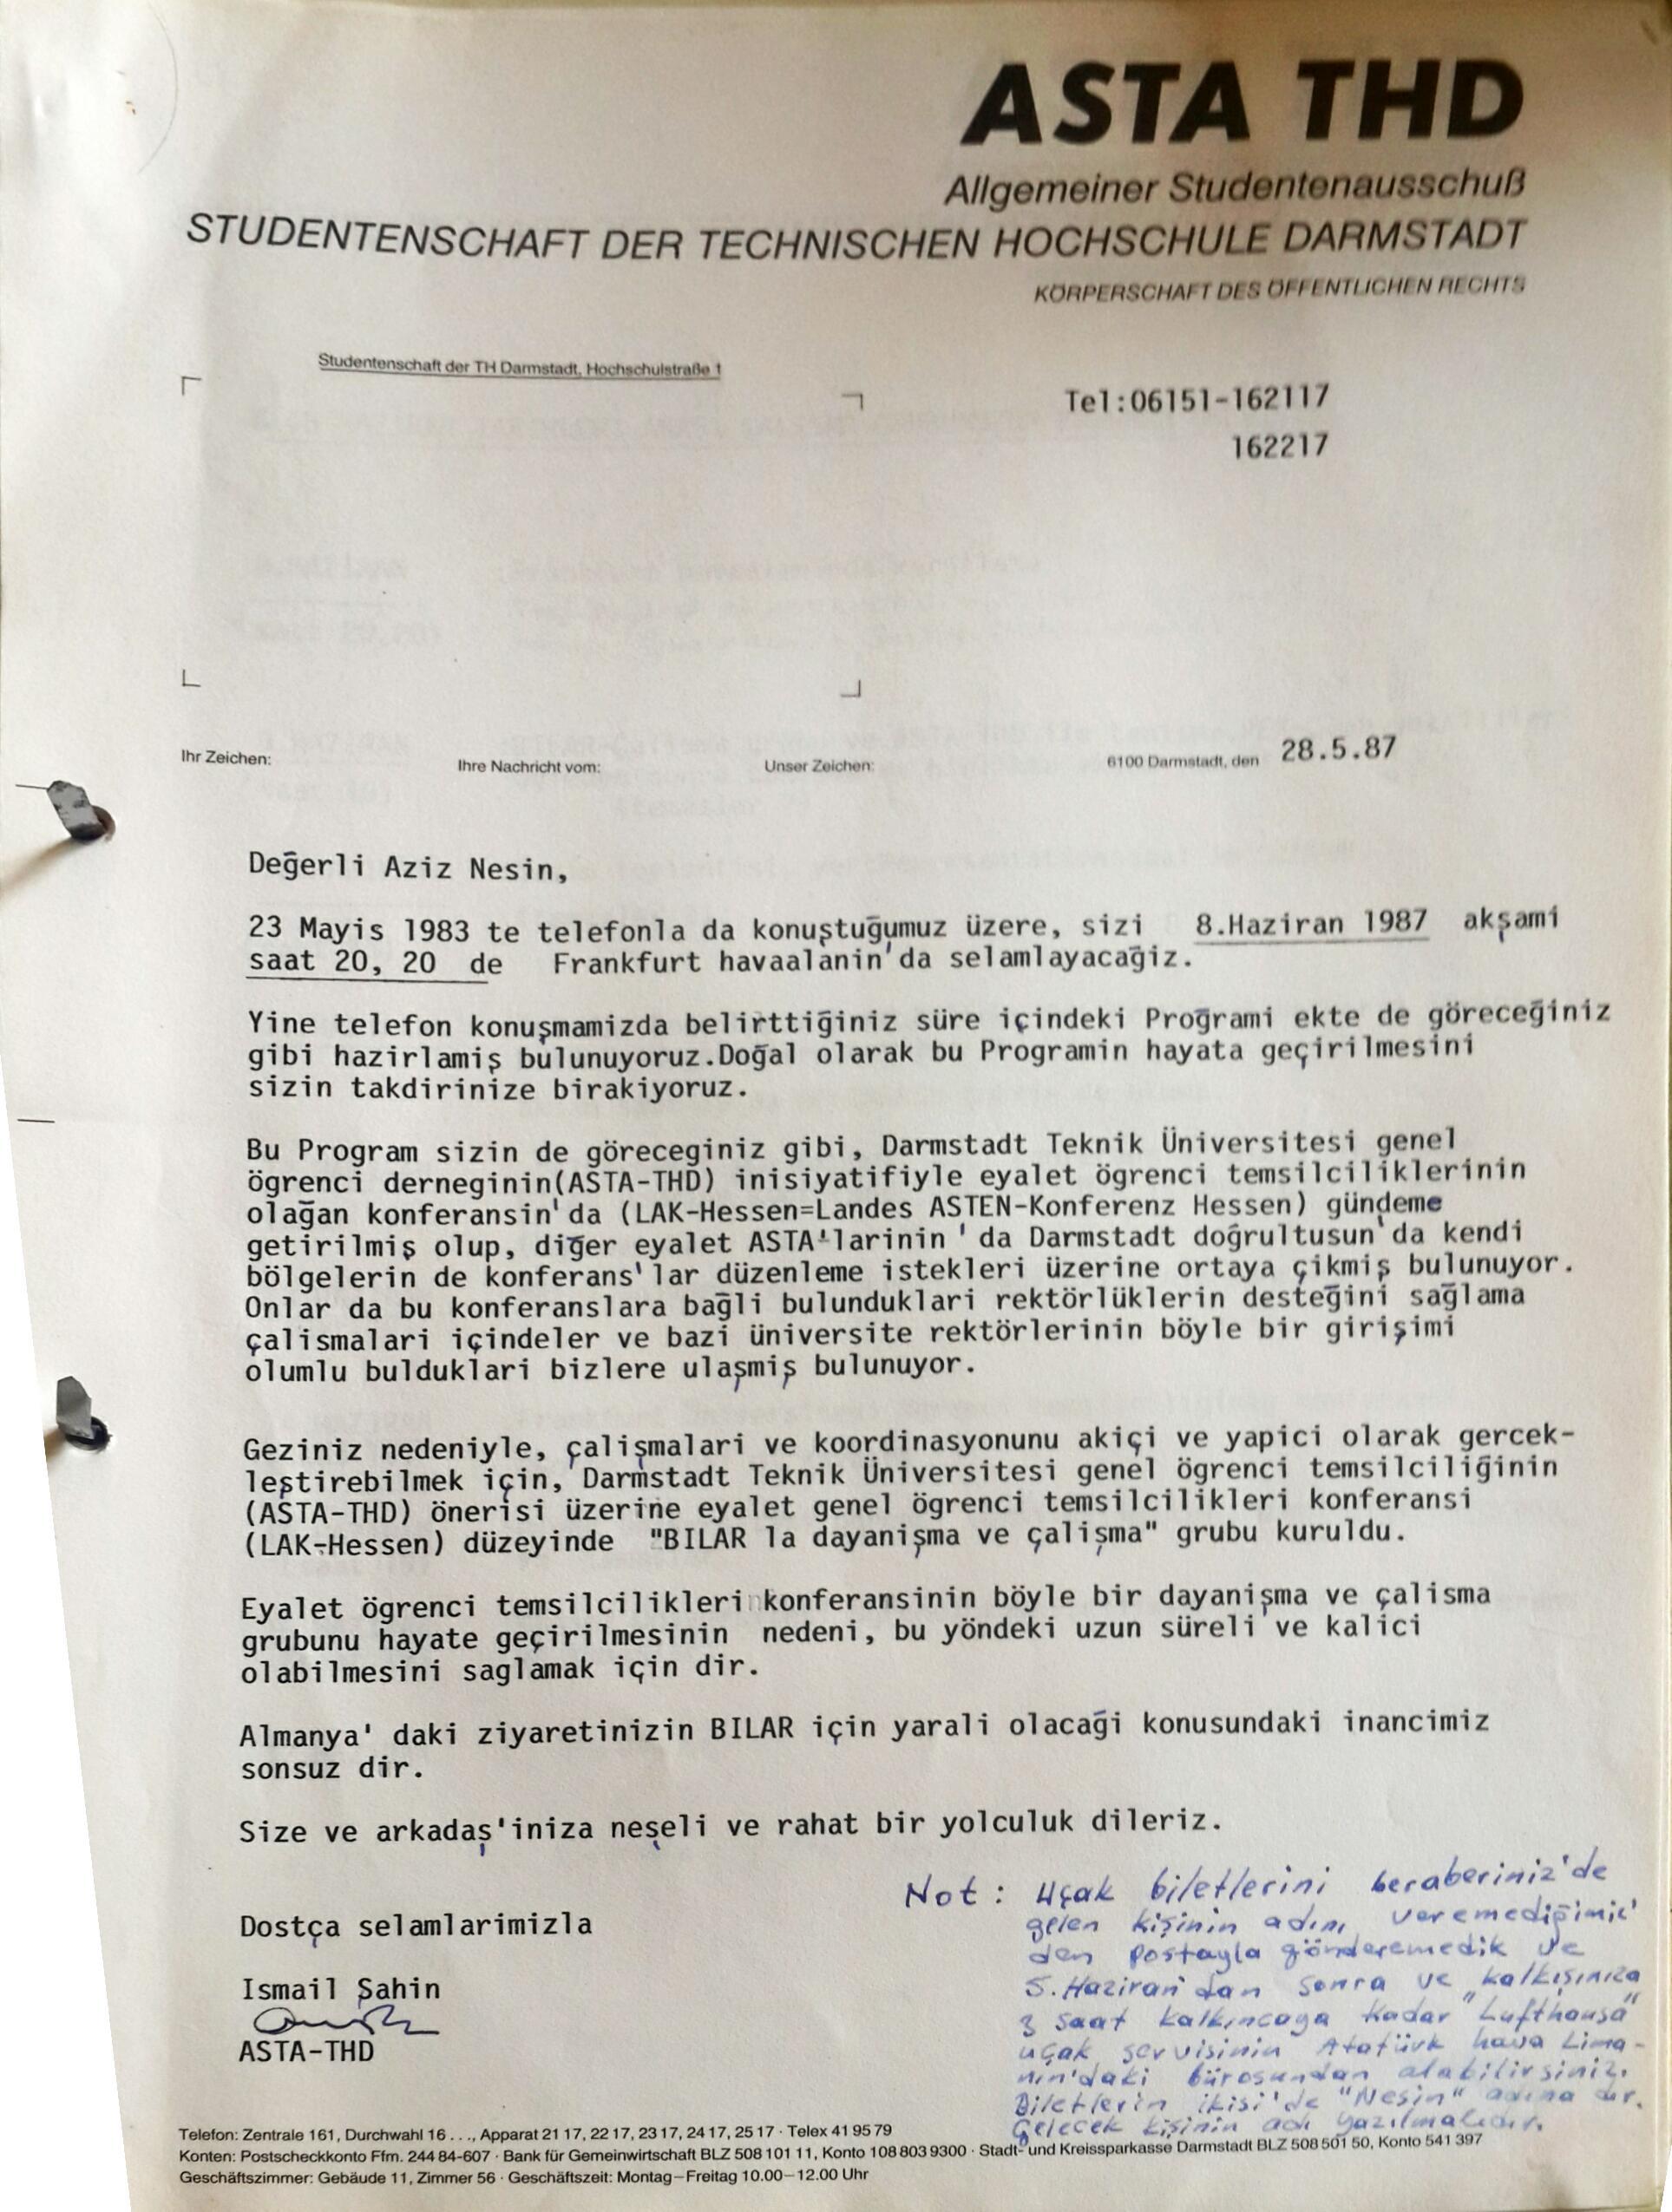 1987_nesine-mektup_darmstadt-bilar-dayanisma-grubu.jpg